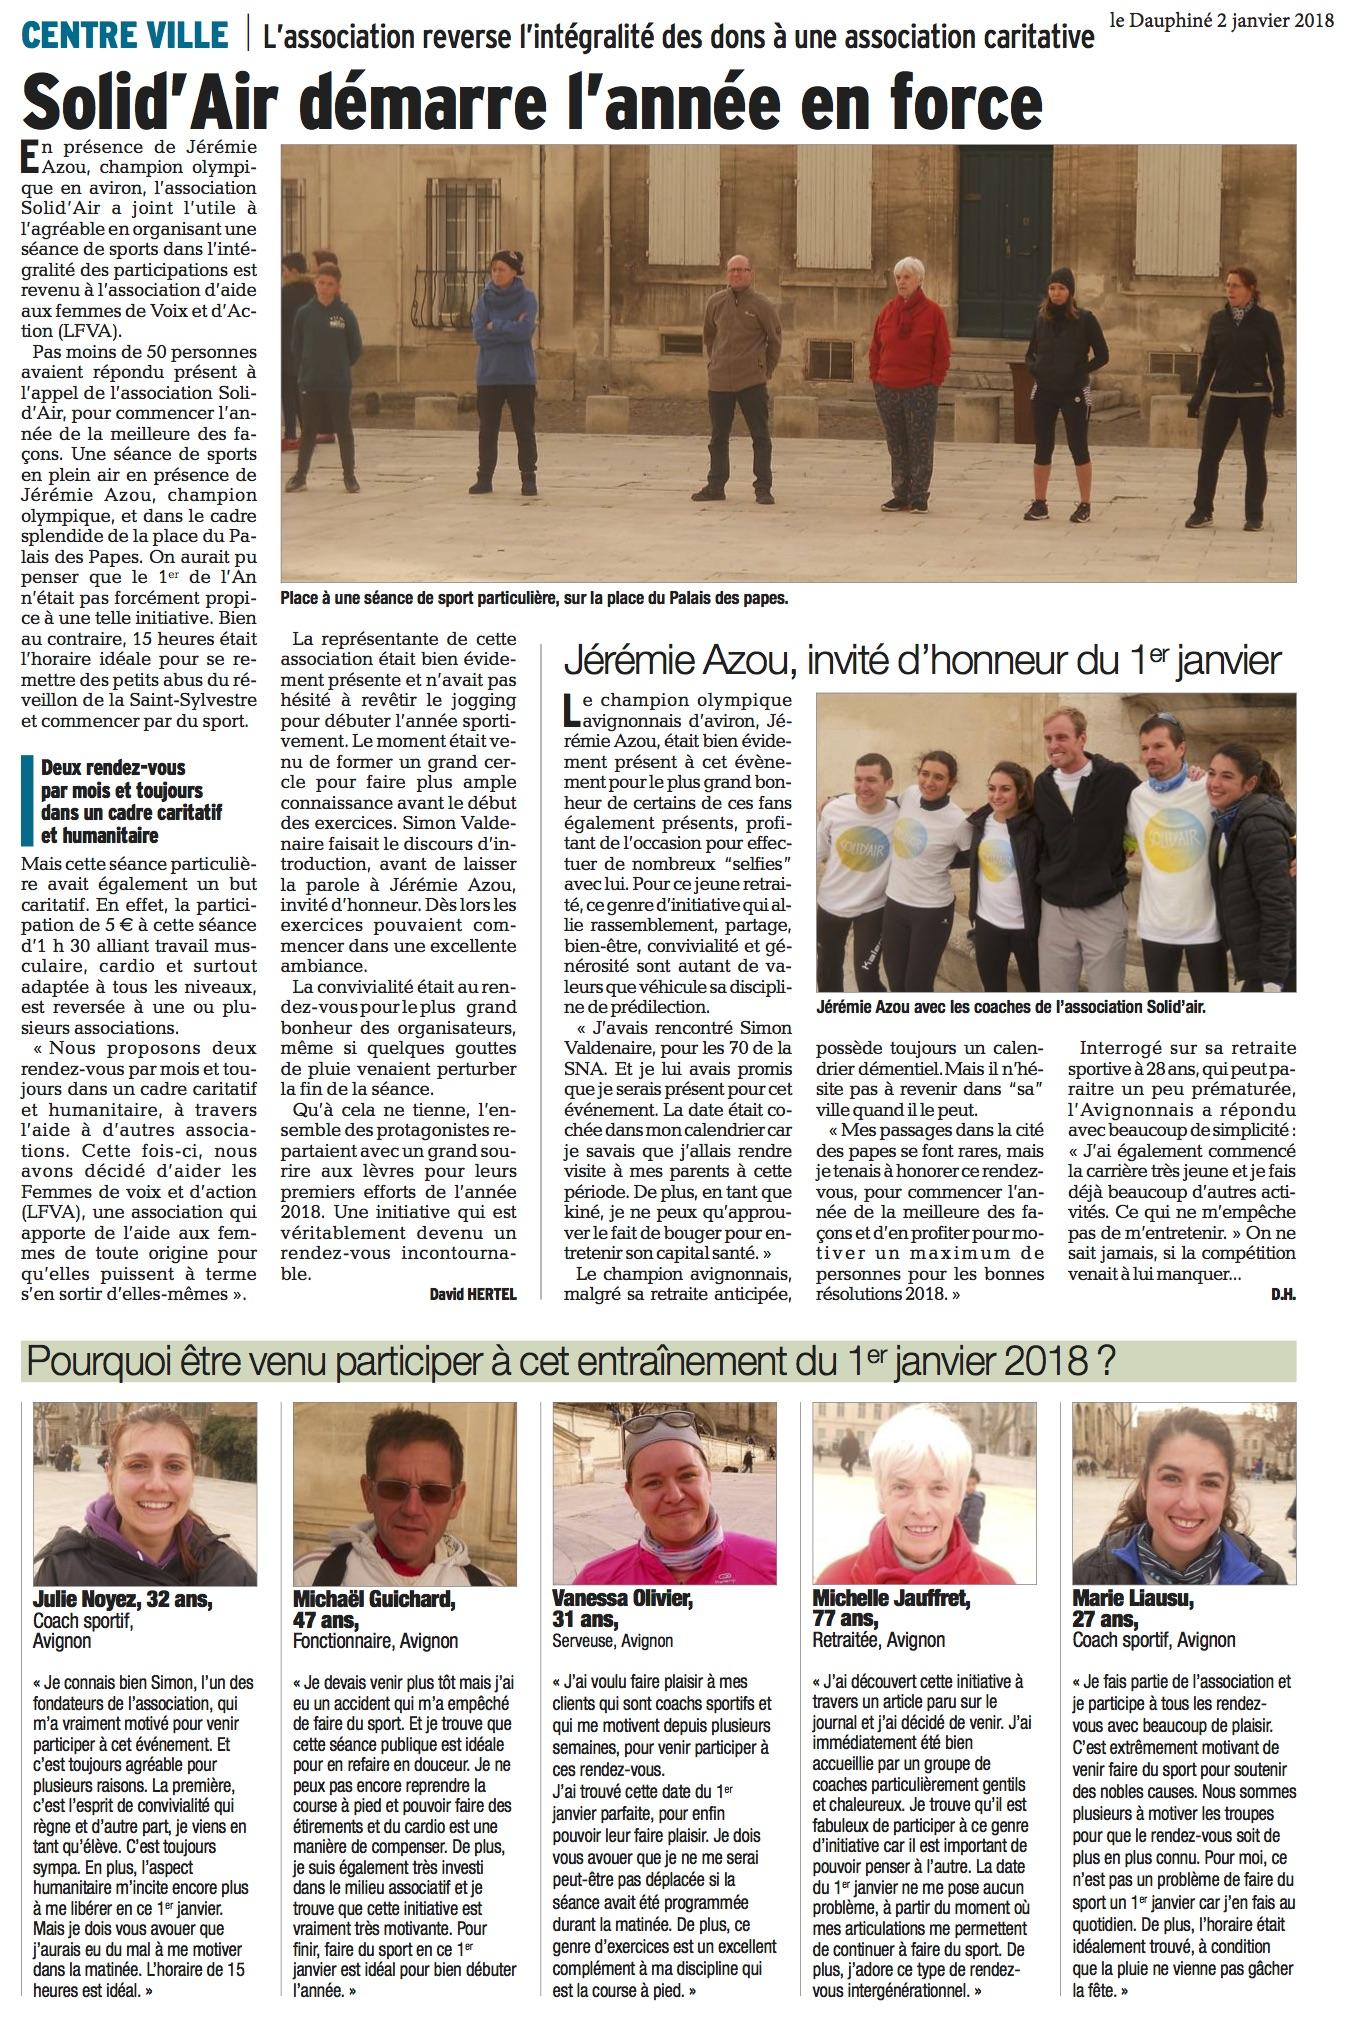 020118 - Vaucluse Matin - 2 janvier 2018